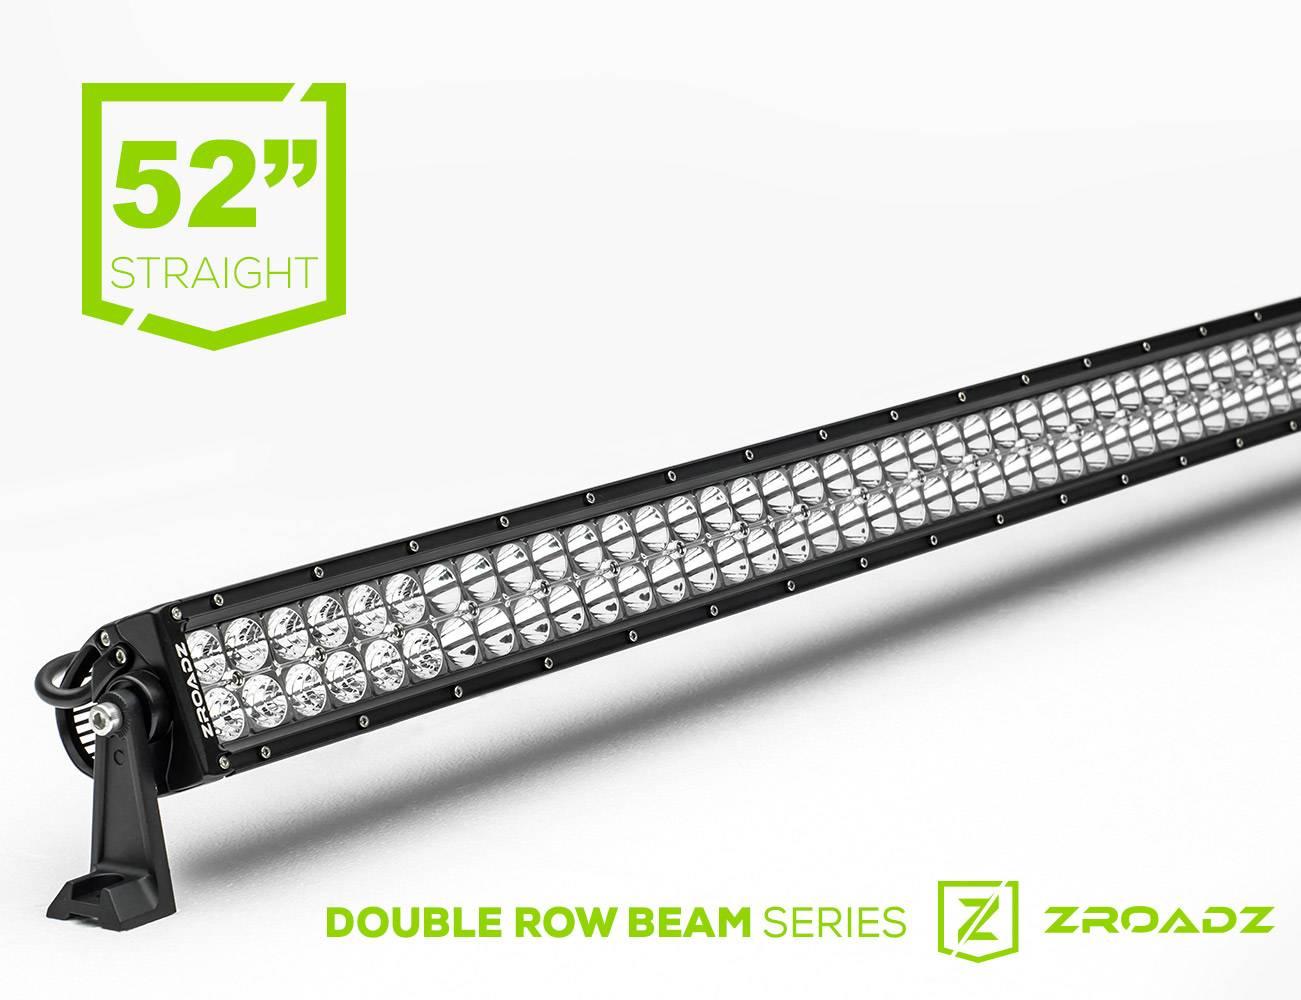 ZROADZ - (1) 52 Inch LED Curved Double Row Light Bar - PN #Z30CBC14W300